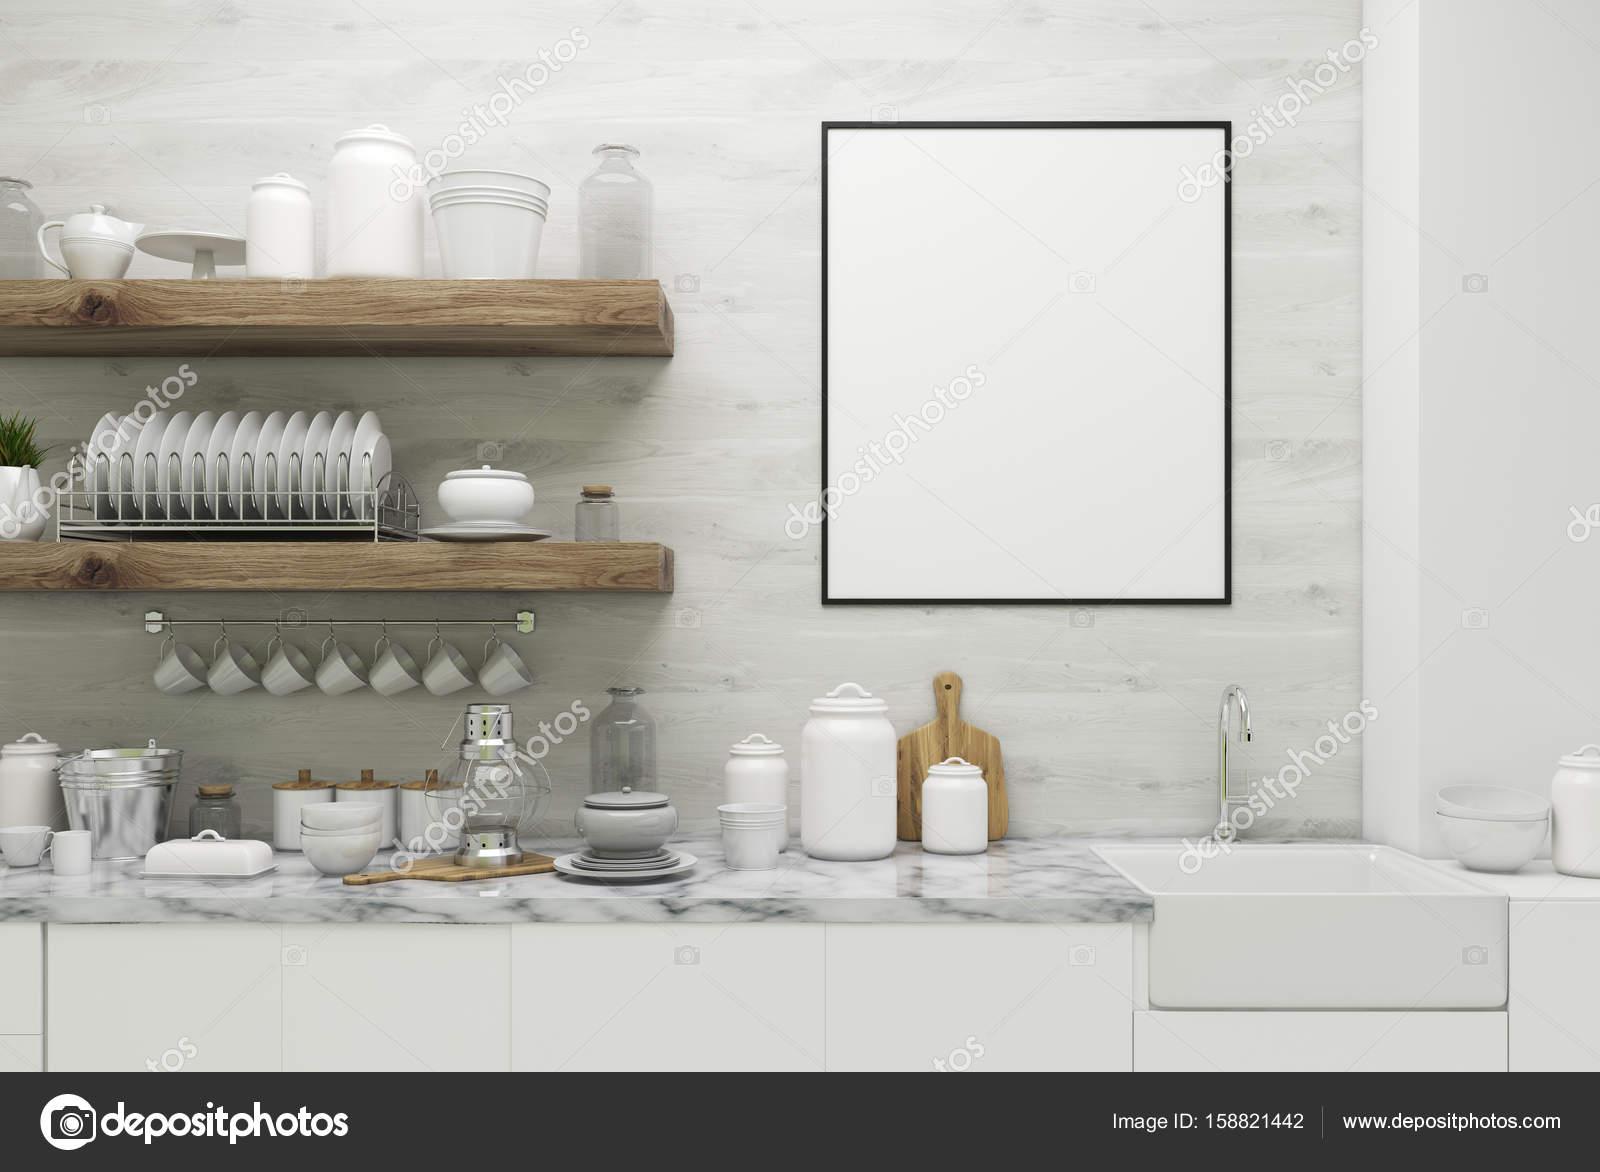 Białe Drewniane Kuchnia Z Plakatu Półki Zdjęcie Stockowe